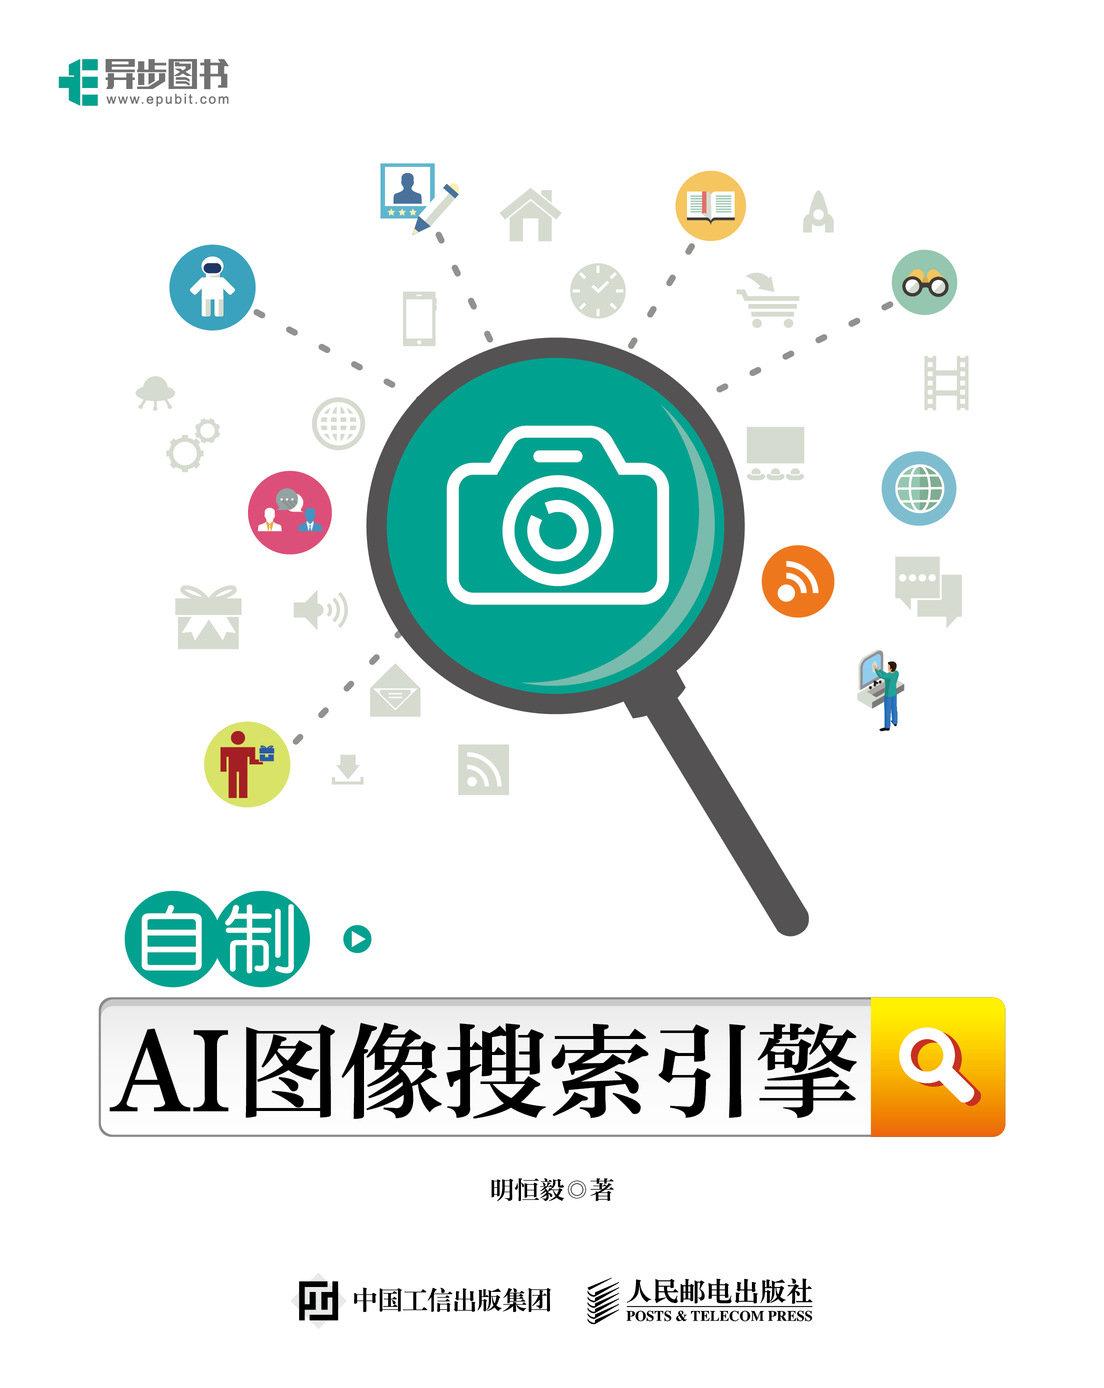 自製 AI 圖像搜索引擎-preview-1